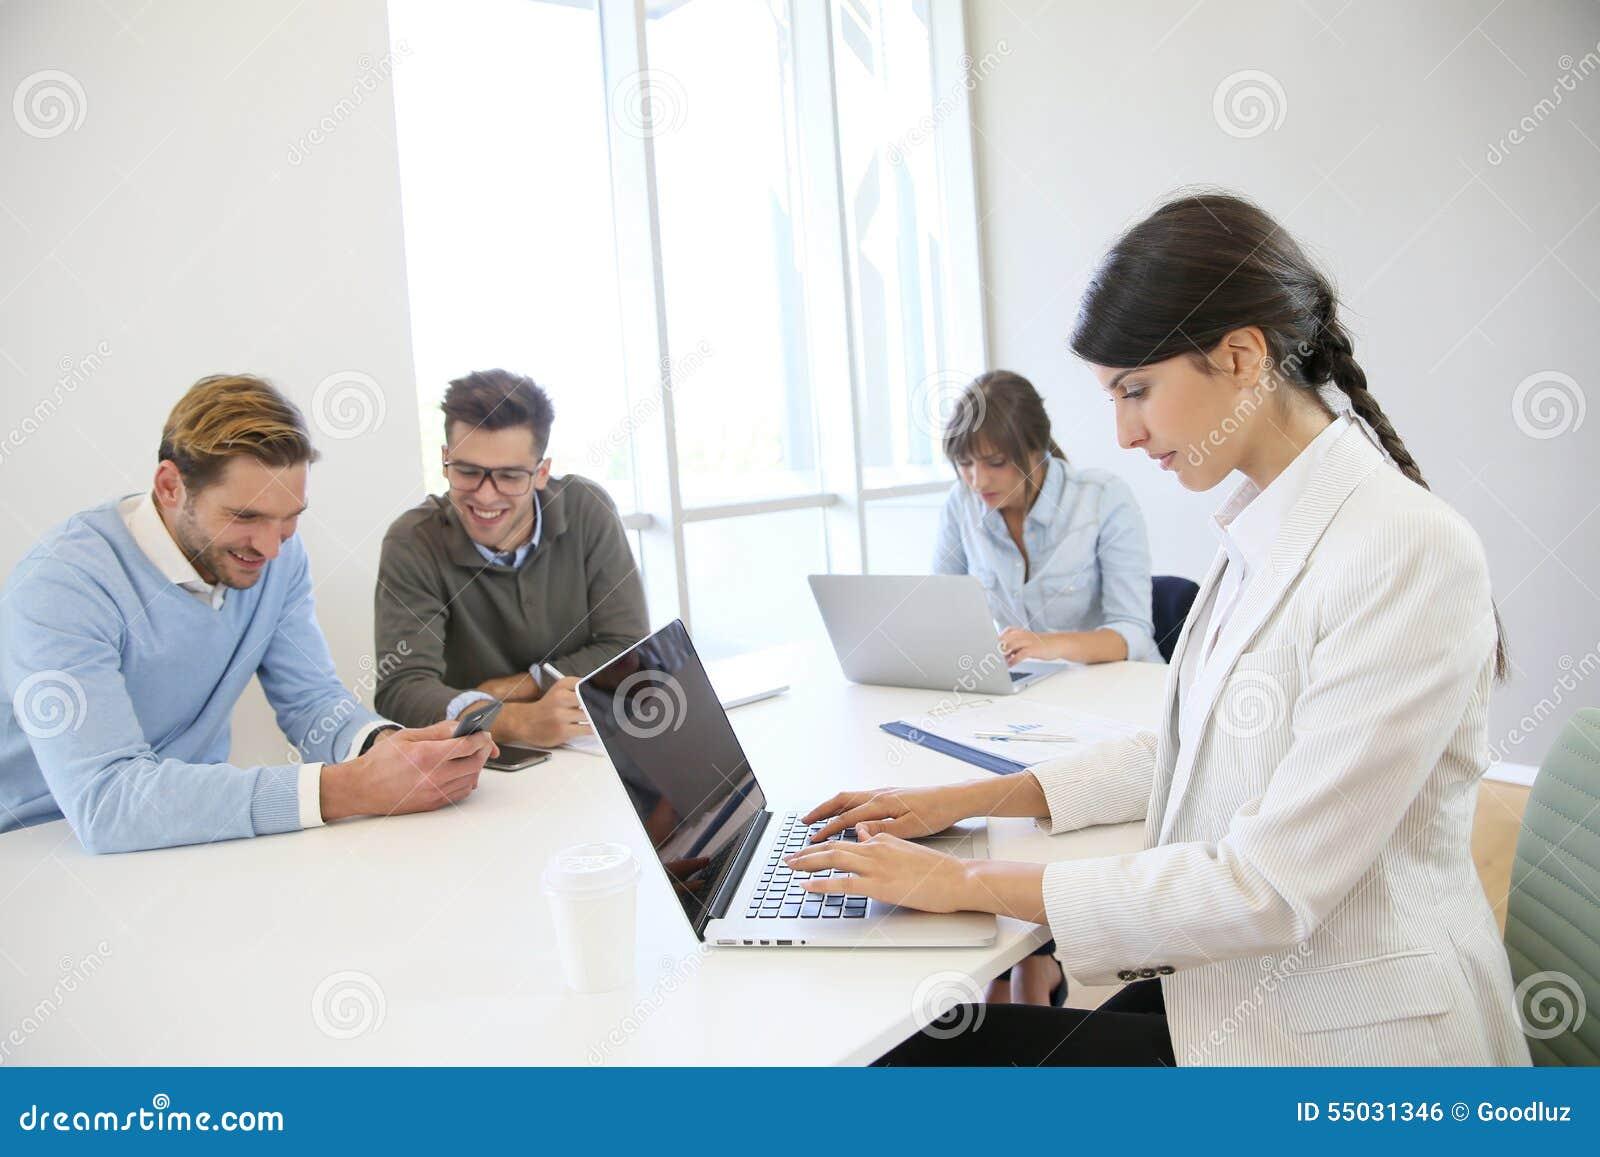 Folk på datorer som arbetar i start-up företag